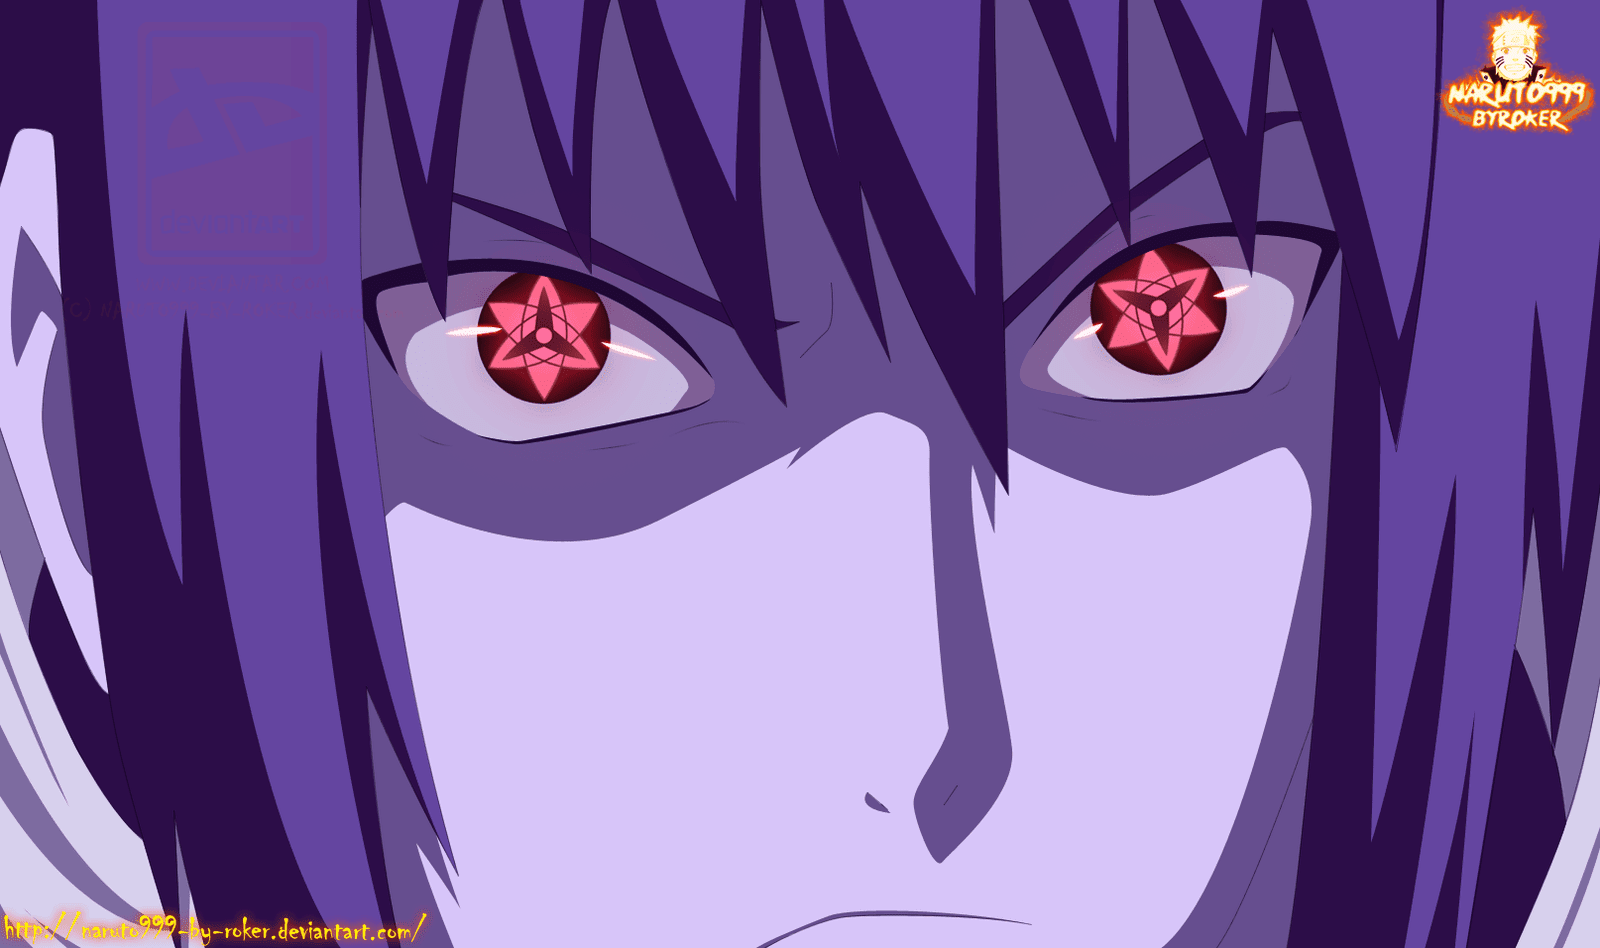 Naruto Shippuden Sasuke Mangekyou Sharingan